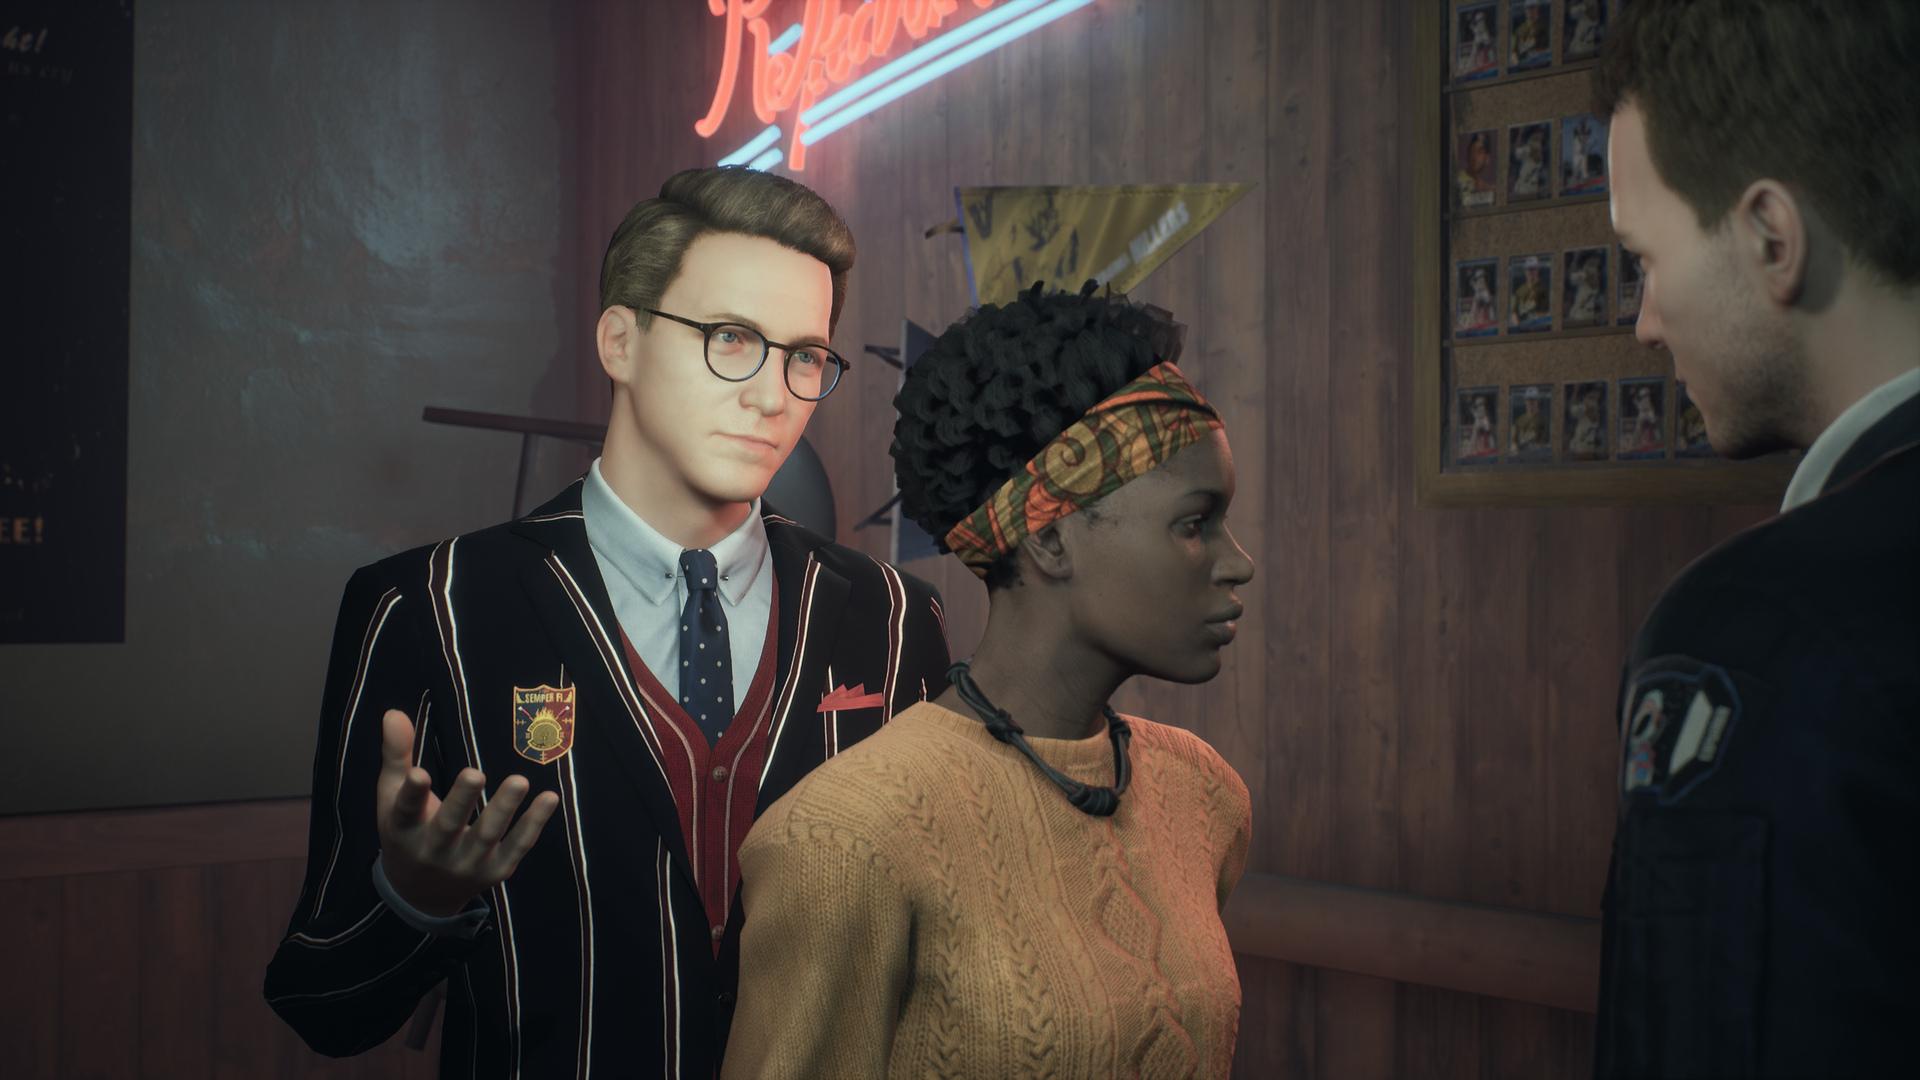 《双镜》跳票至2020年 将成为Epic商城限时独占游戏